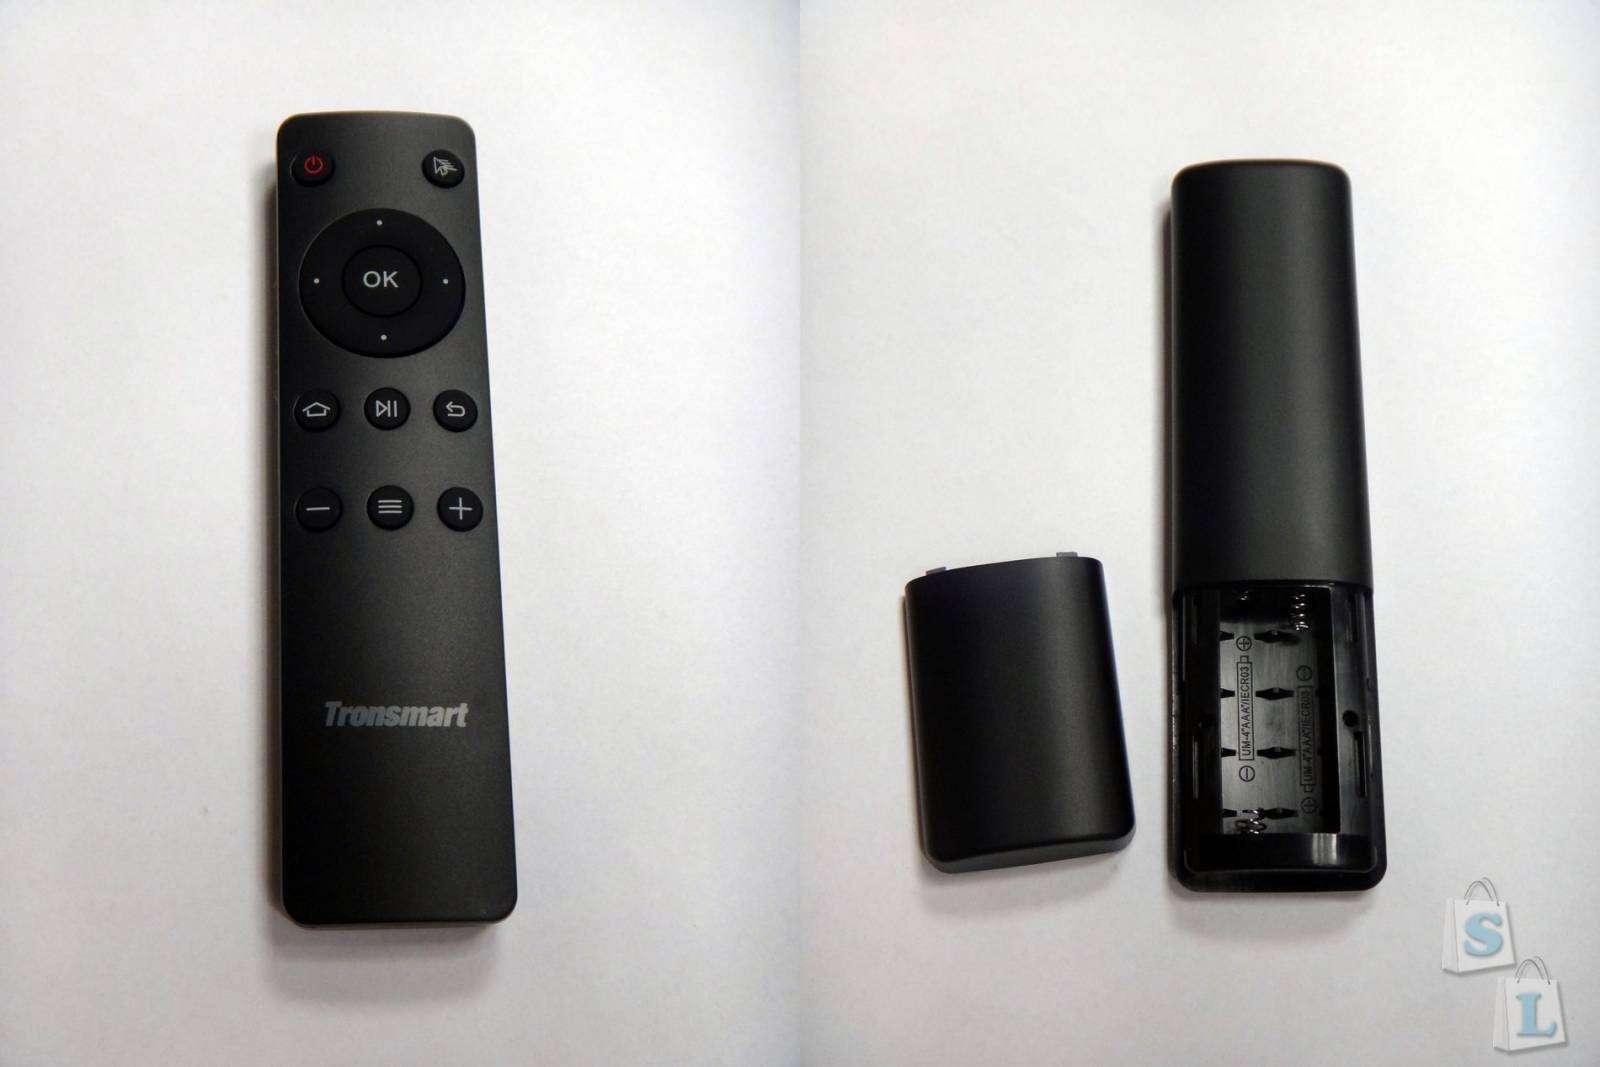 Geekbuying: Обзор Tronsmart Vega S95 Telos Amlogic S905 ТВ приставка которая прекрасно проигрывает все видеофайлы